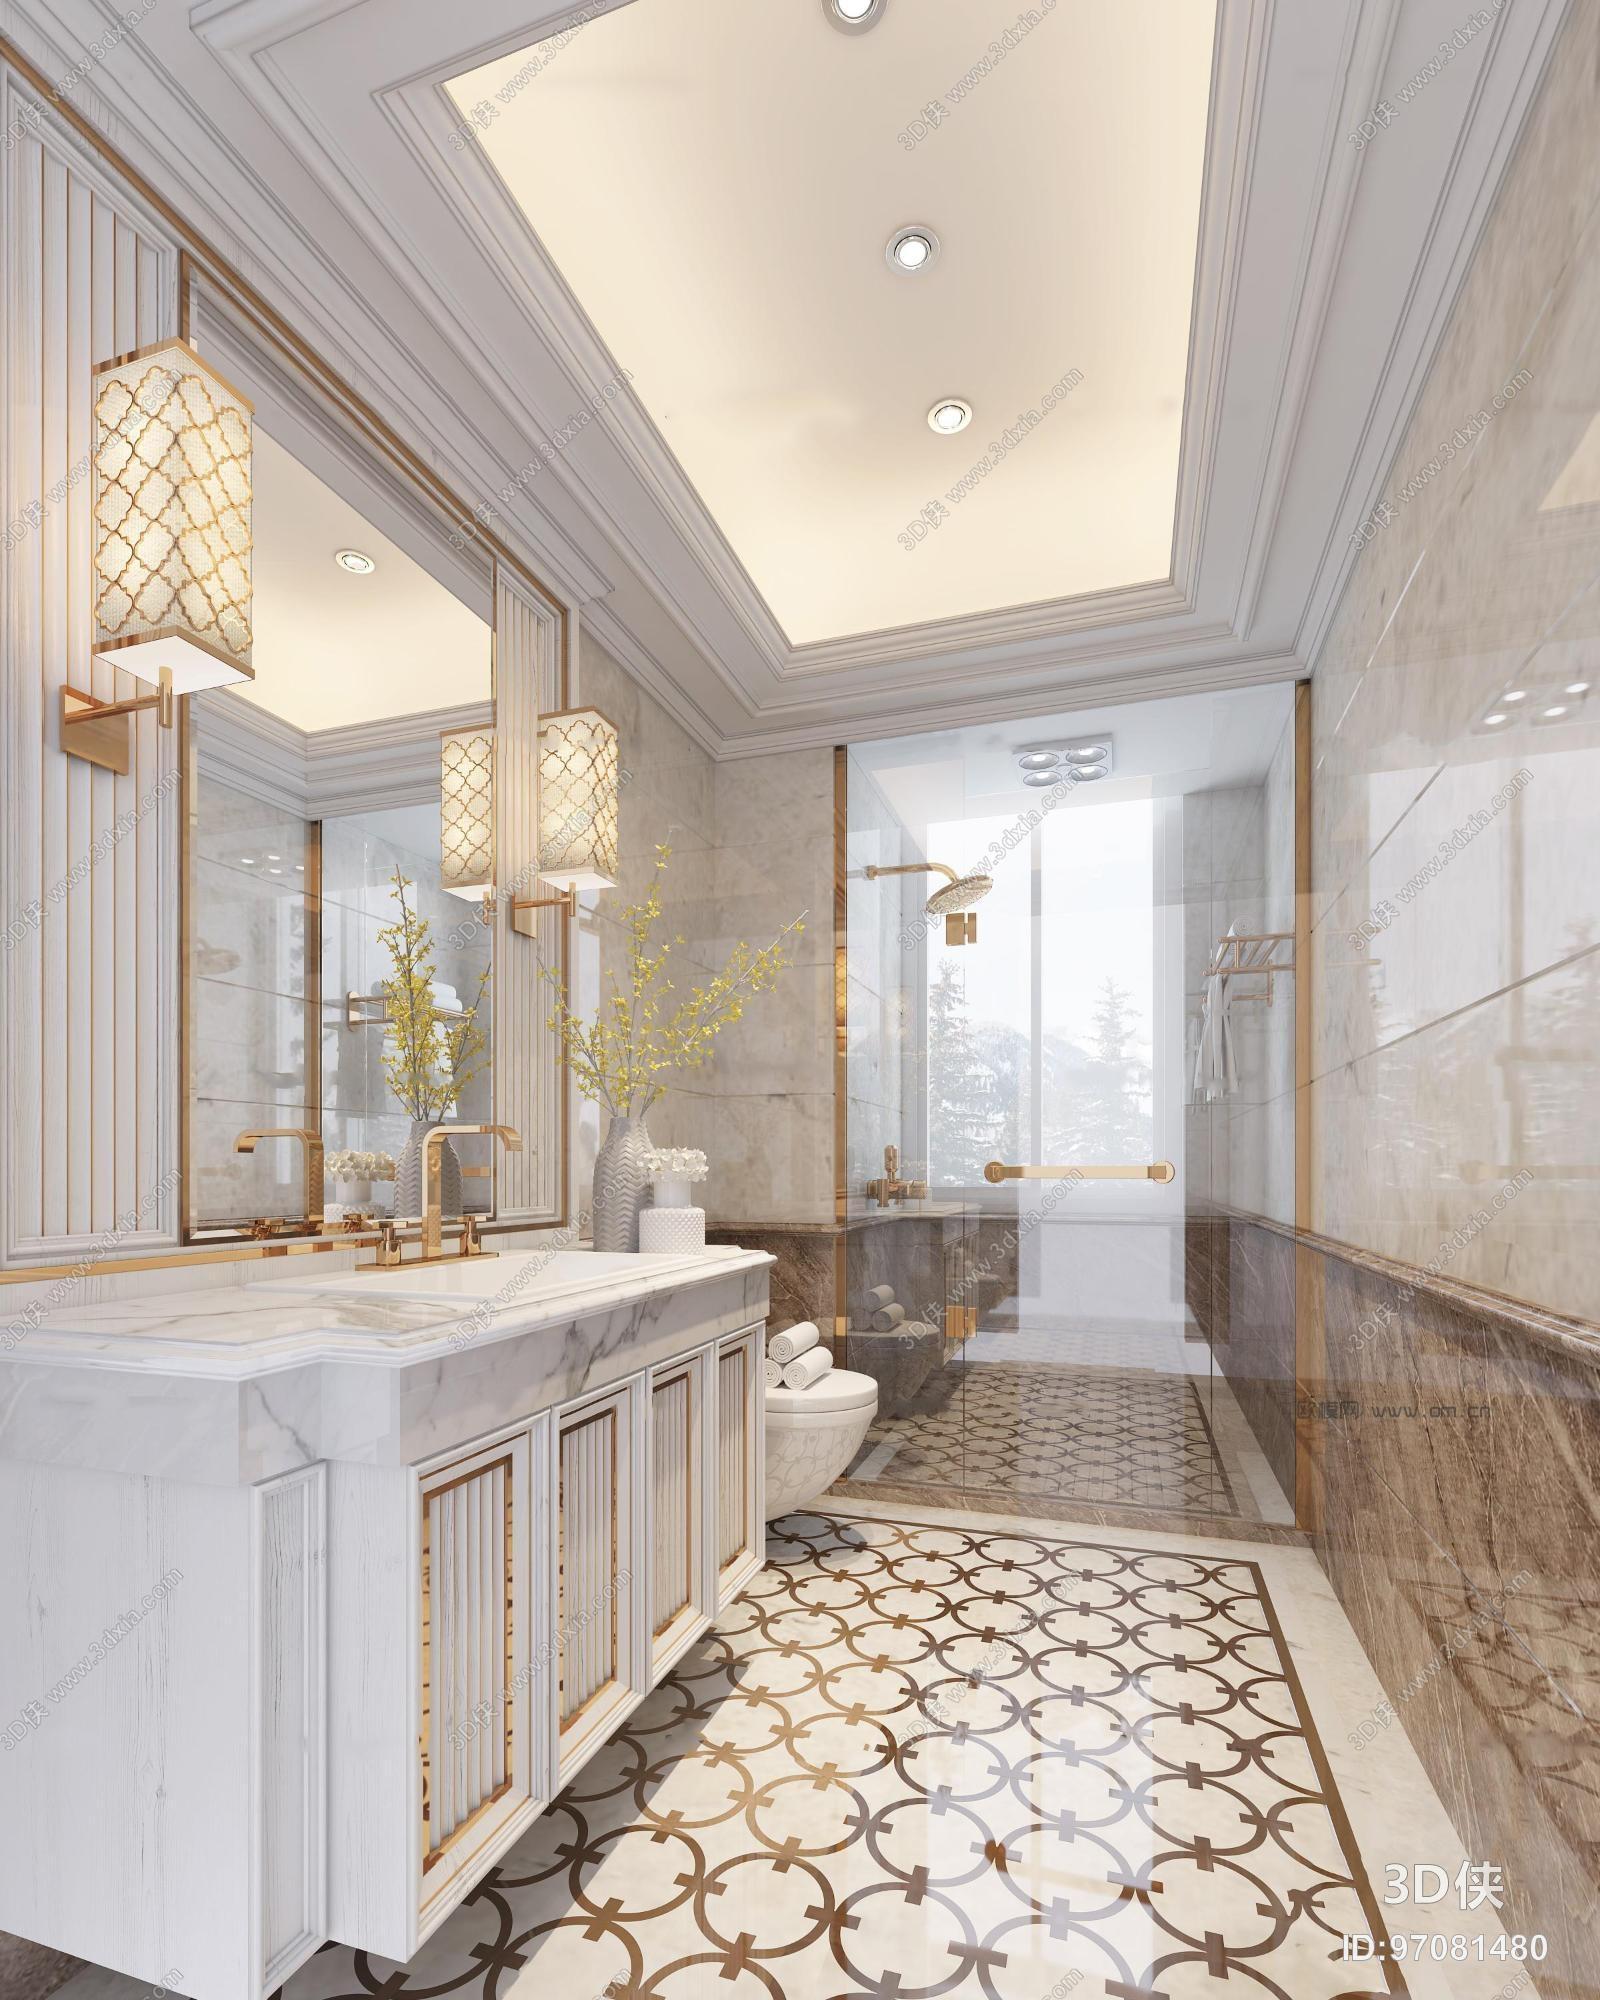 效果图素材免费下载,本作品主题是欧式酒店卫生间3d模型,编号是970814